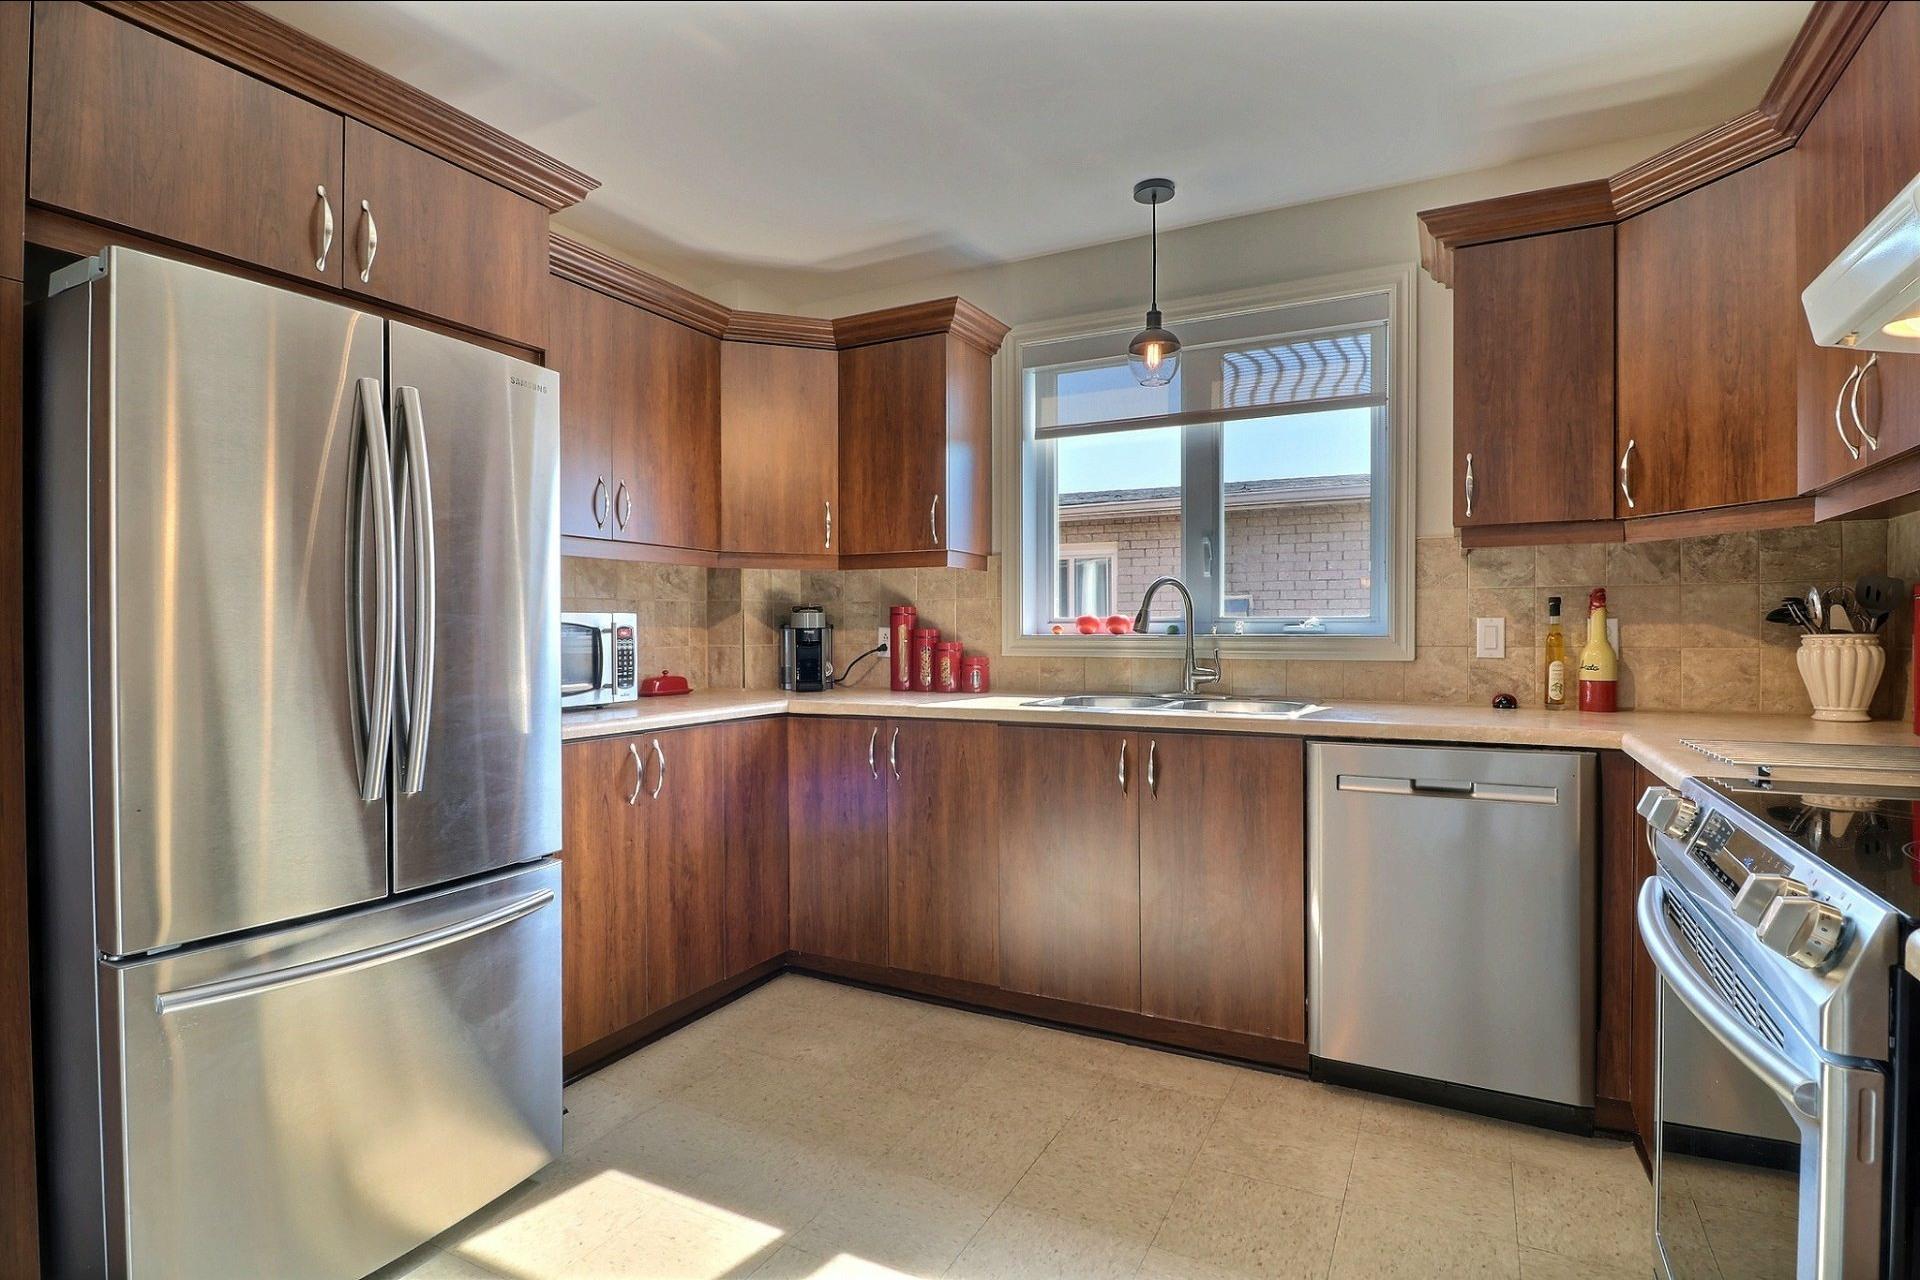 image 8 - Triplex For sale Laval Vimont  - 6 rooms